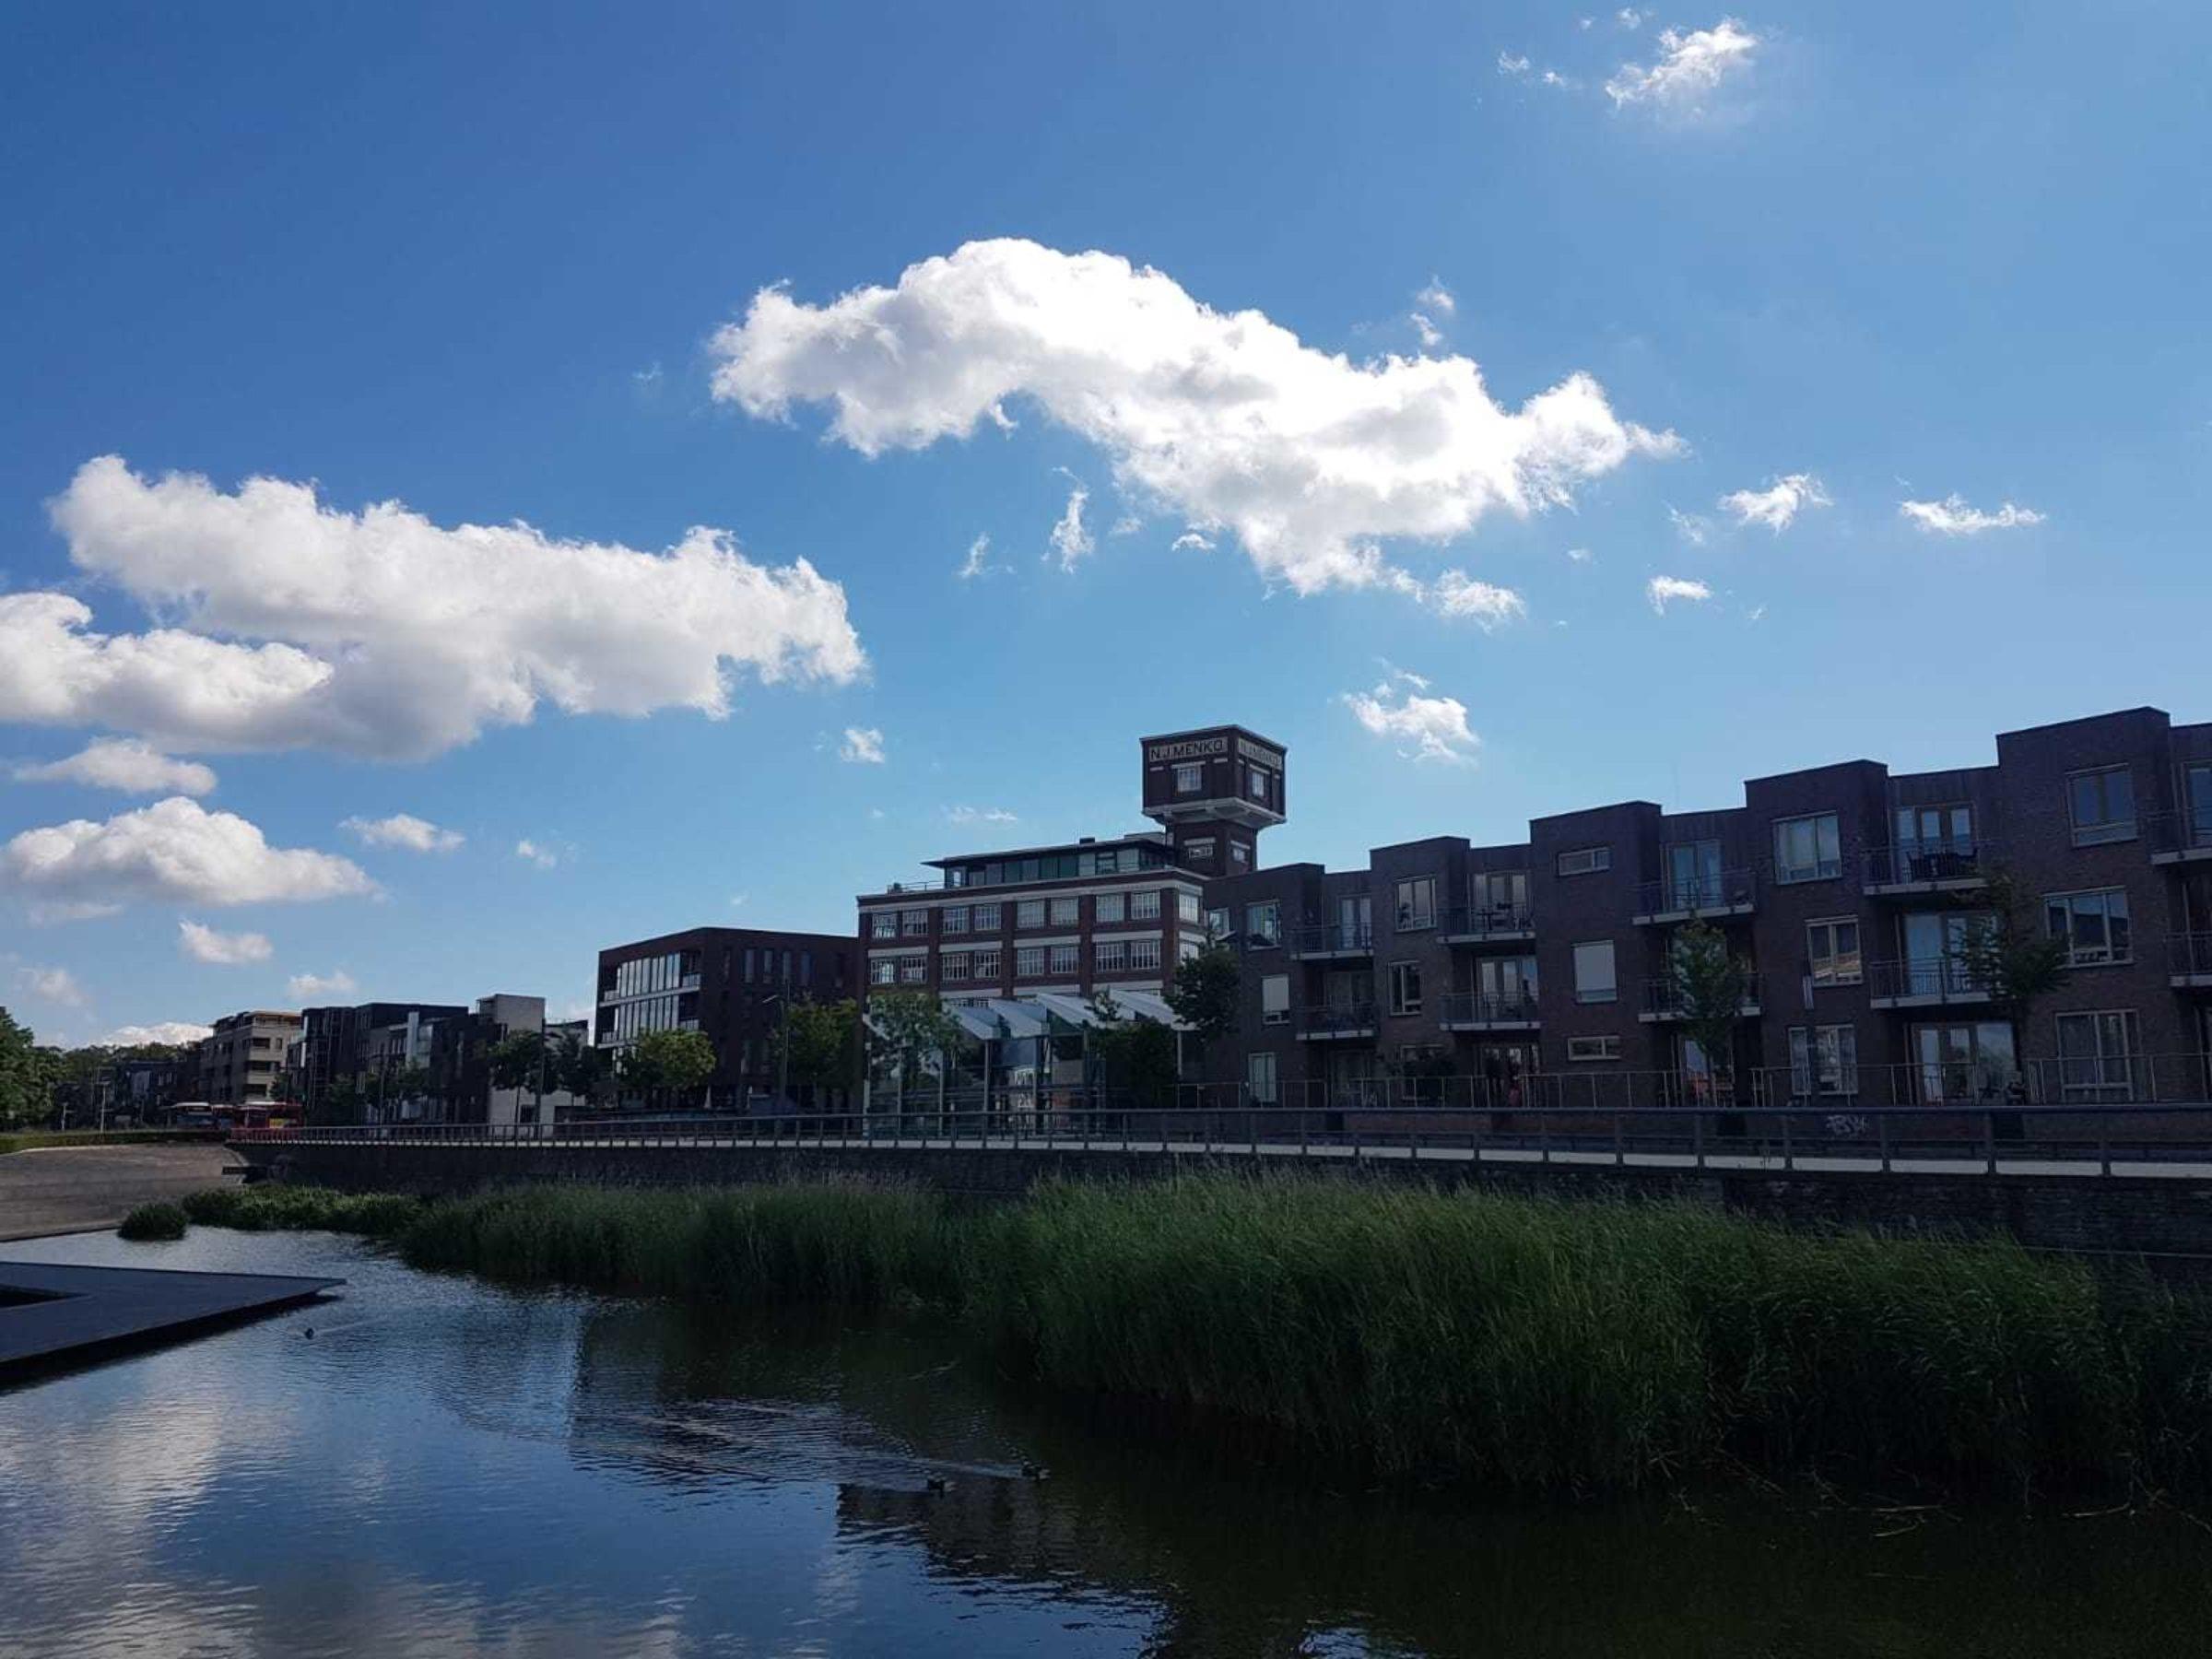 2019 Menko Watertoren